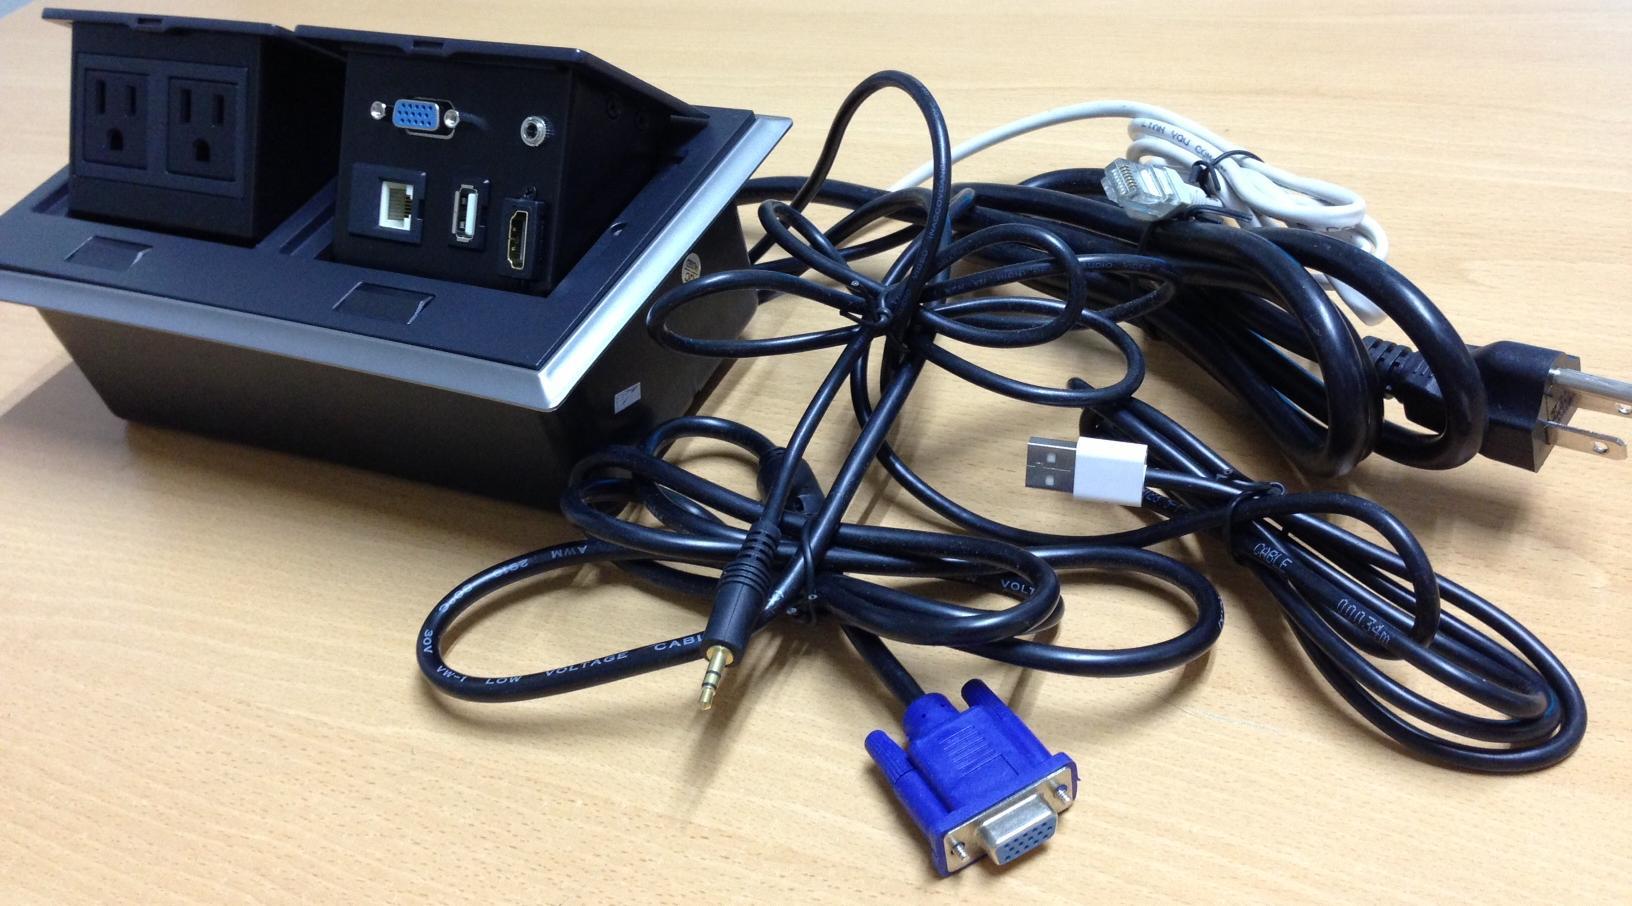 PANEL ESCR 2 AC RED VGA HDMI USB 3.5MM